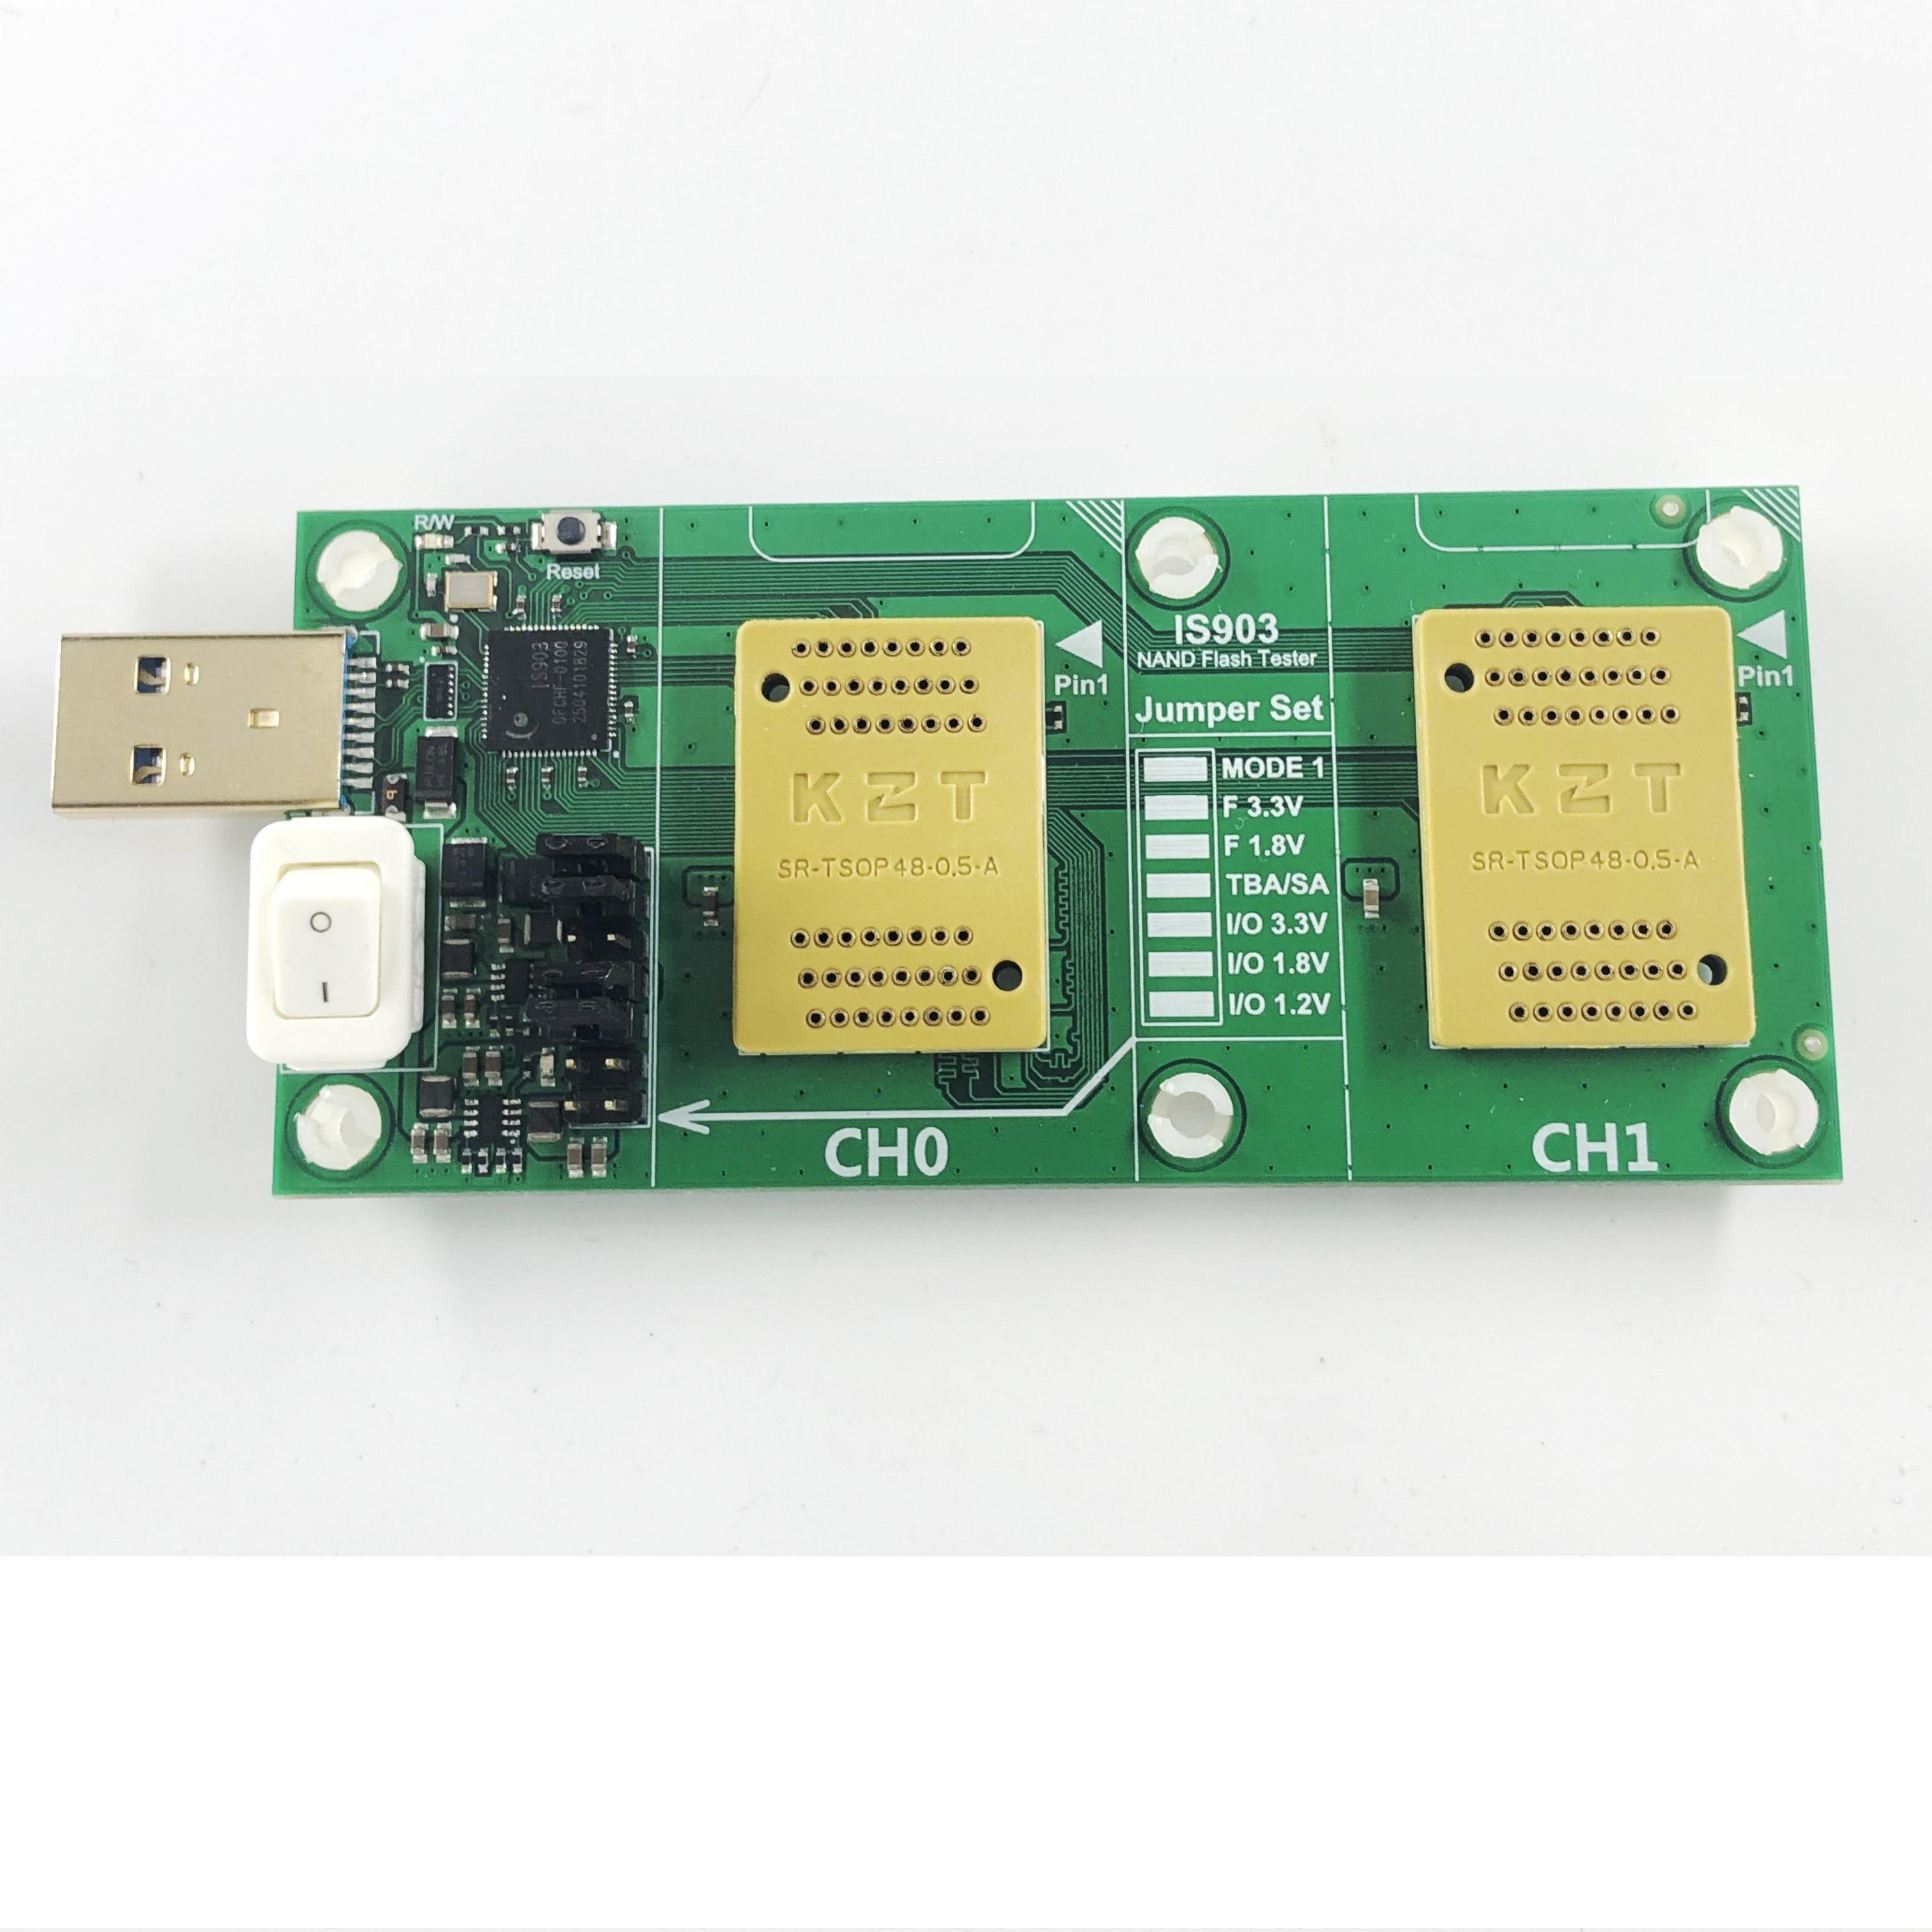 KZT SSD Test NAND flash SM2246EN bga132/152/88 flash test